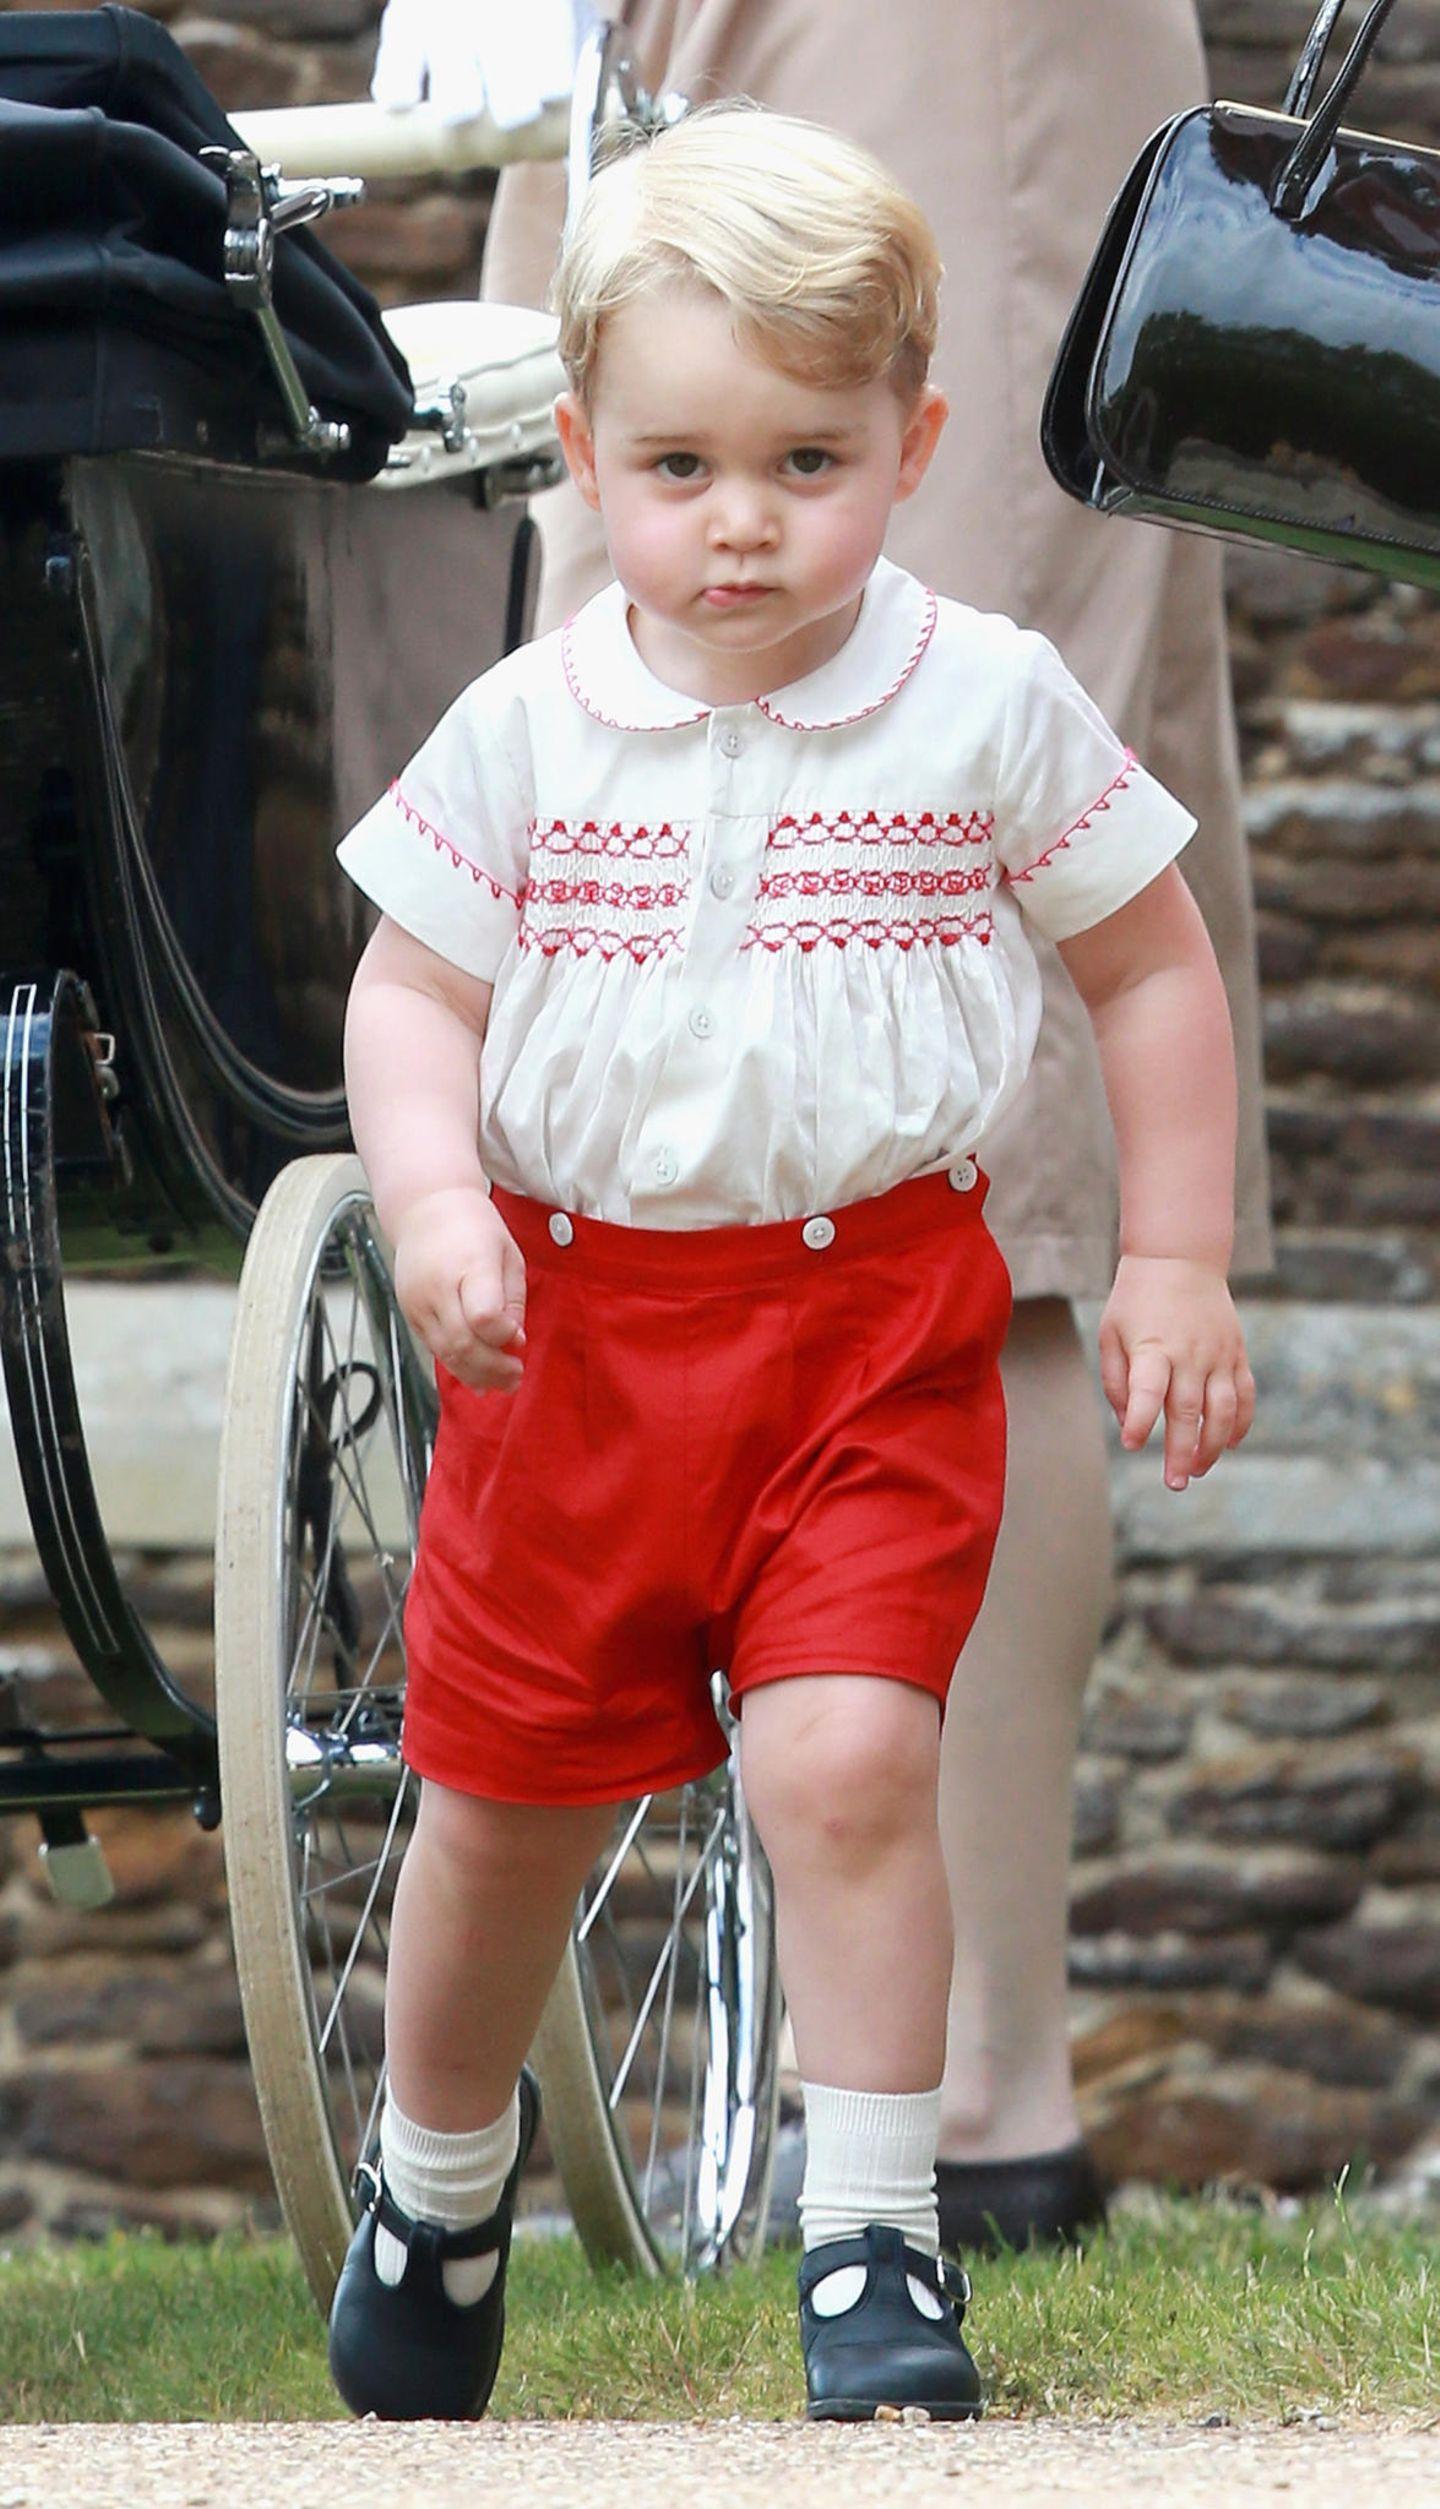 """Mai 2015: Zur Taufe seiner Schwester Prinzessin Charlotte entzückt George in einer roten Shorts und einer Bluse mit passenden, roten Stickereien der britischen Marke """"Rachel Riley"""", die auf traditionelle Kleidung spezialisiert ist. Aufmerksame Royal-Fans haben schnell festgestellt: Ein ähnliches Outfit trug bereits sein Vater Prinz William, als er 1984 seinen Bruder Prinz Harry im Krankenhaus besuchte."""